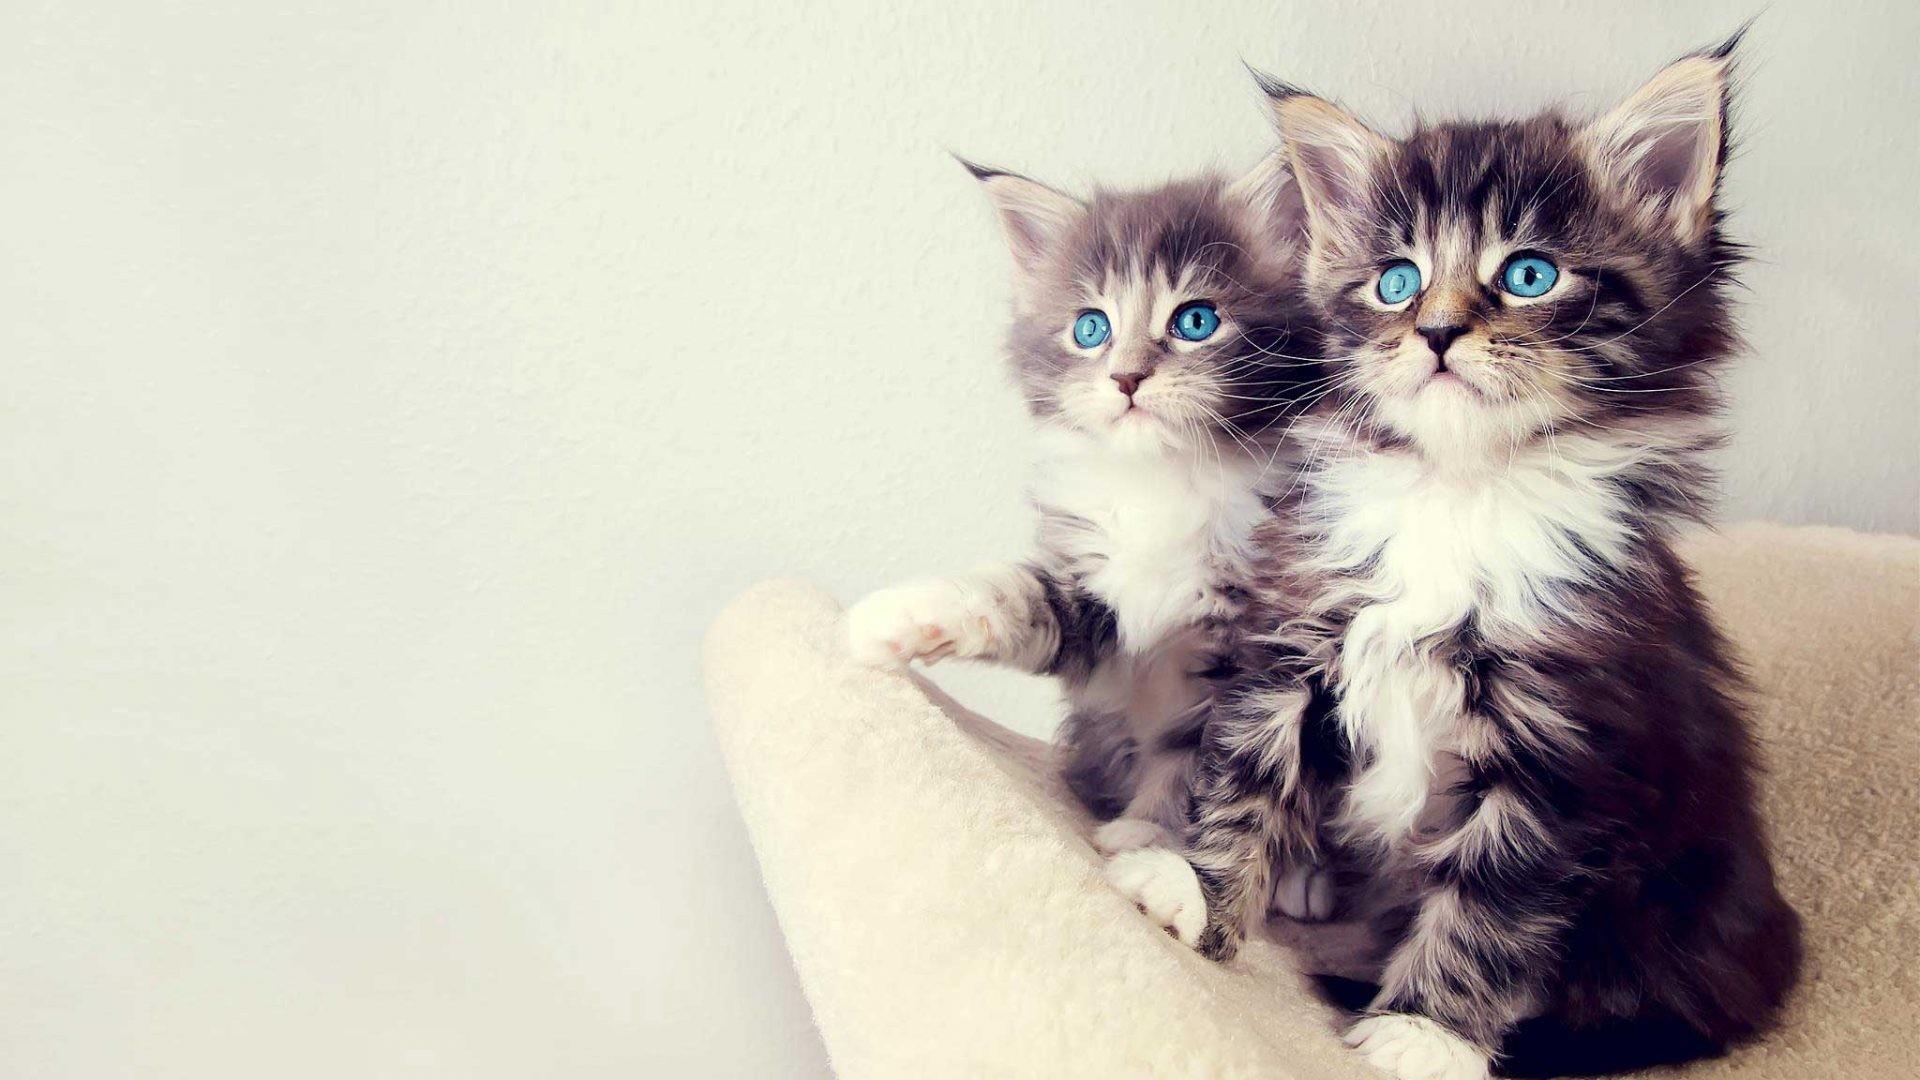 Cute couple cat wallpaper phone 1920×1080.